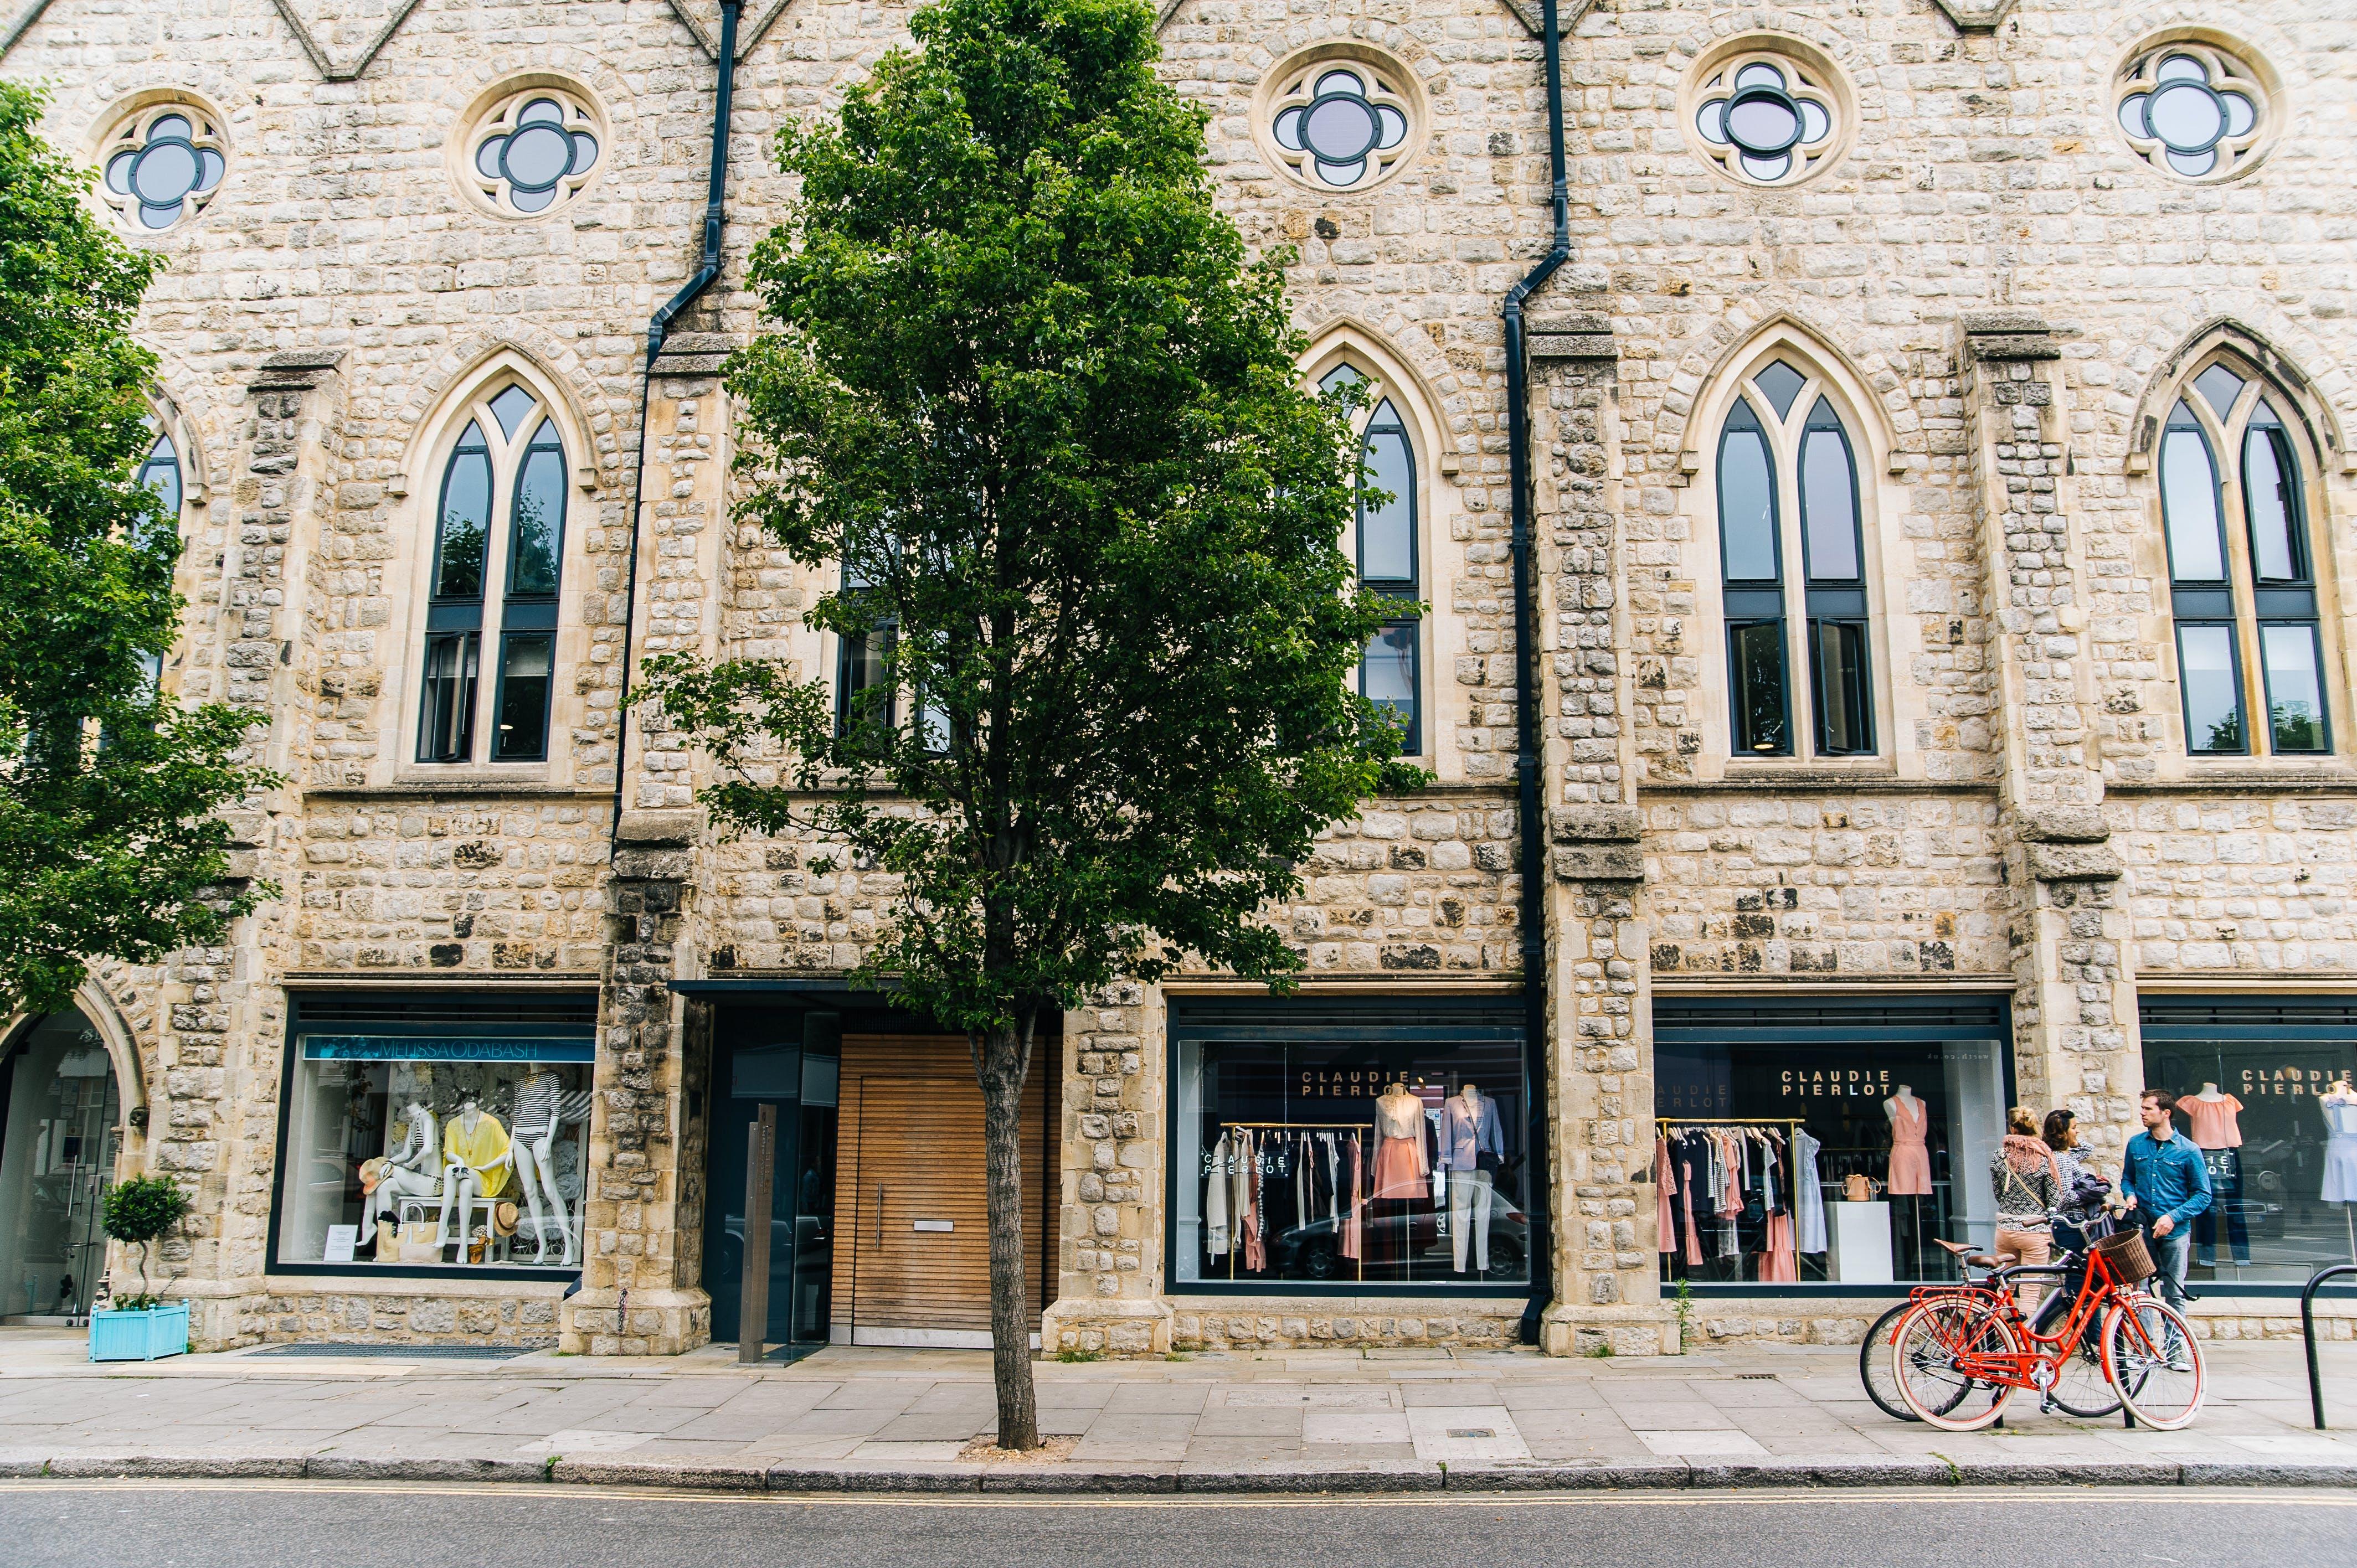 Foto stok gratis Arsitektur, eksterior, fasad, gothic